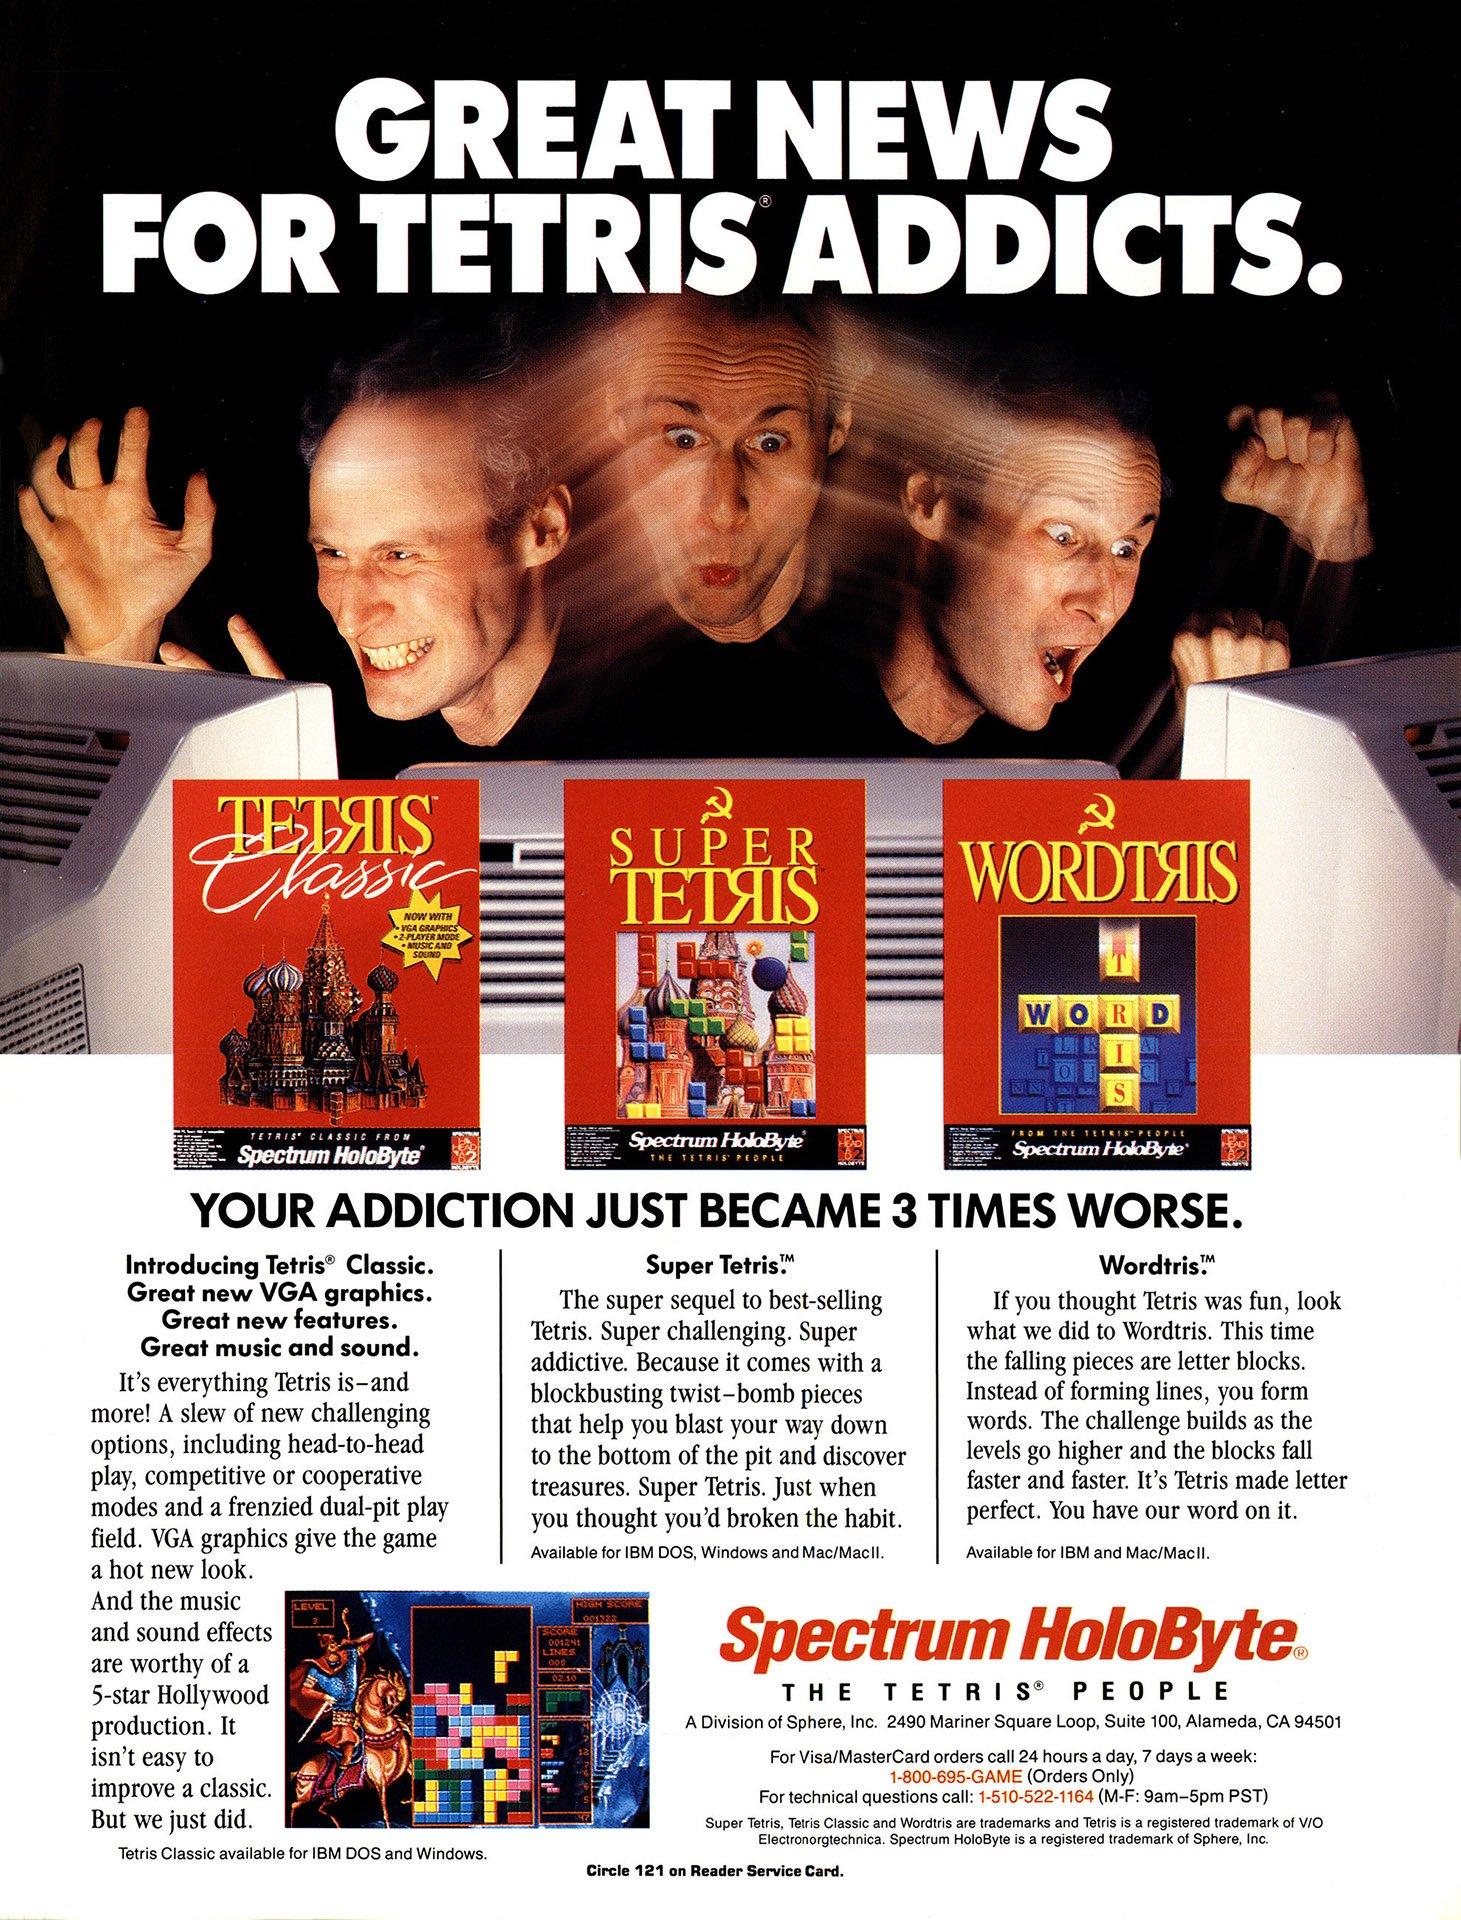 Tetris Classic, Super Tetris, Wordtris